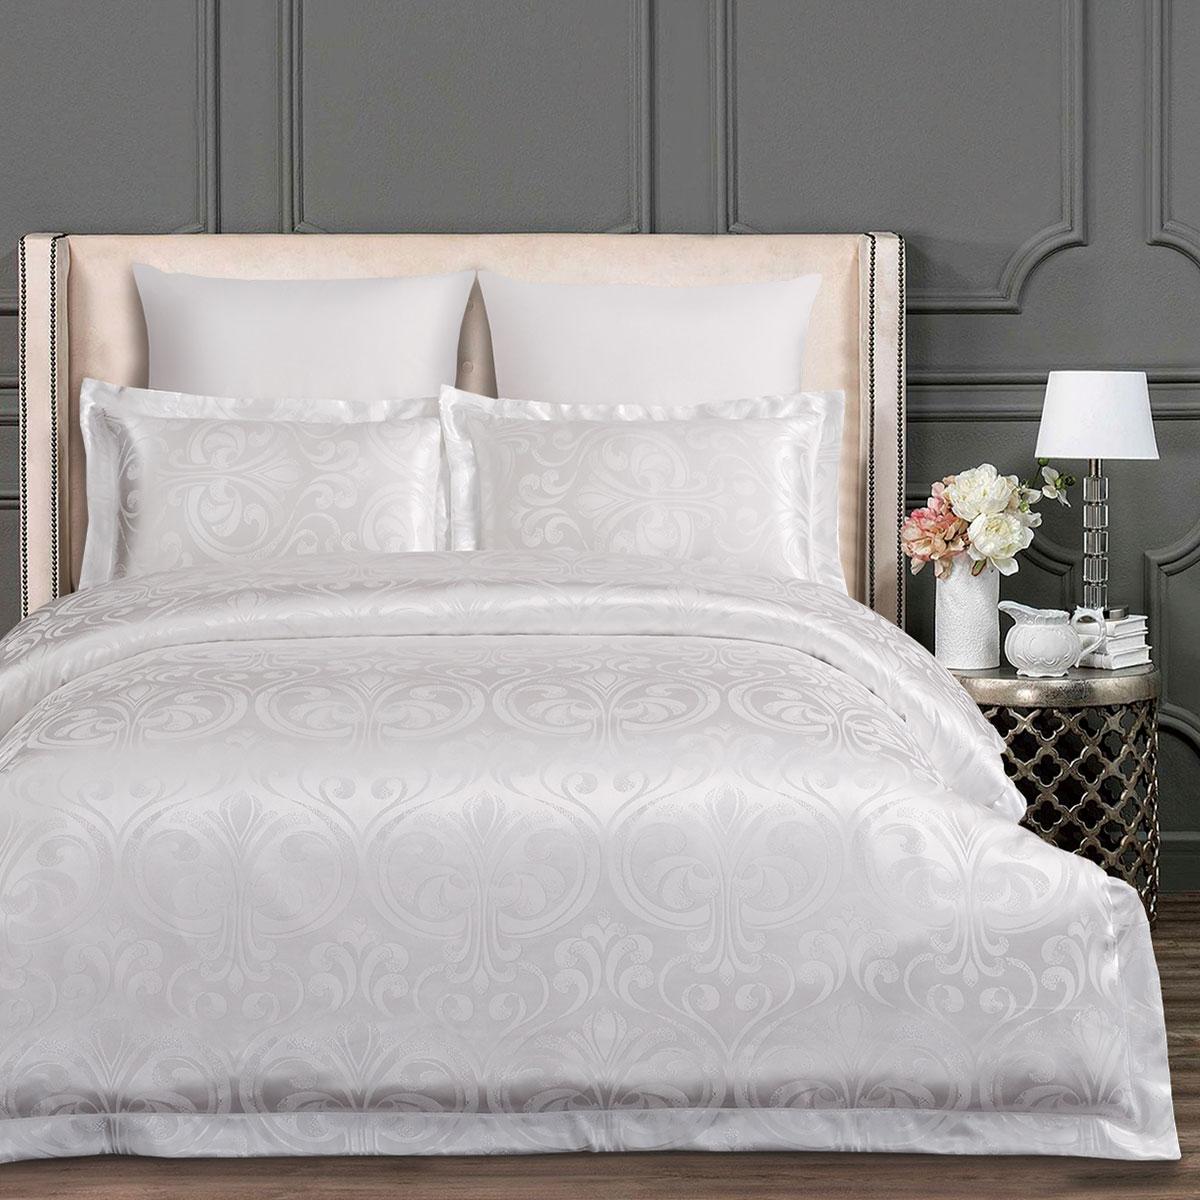 Купить Комплекты постельного белья Arya, Постельное белье Tilda (2 сп. евро), Турция, Белый, Вискозный сатин